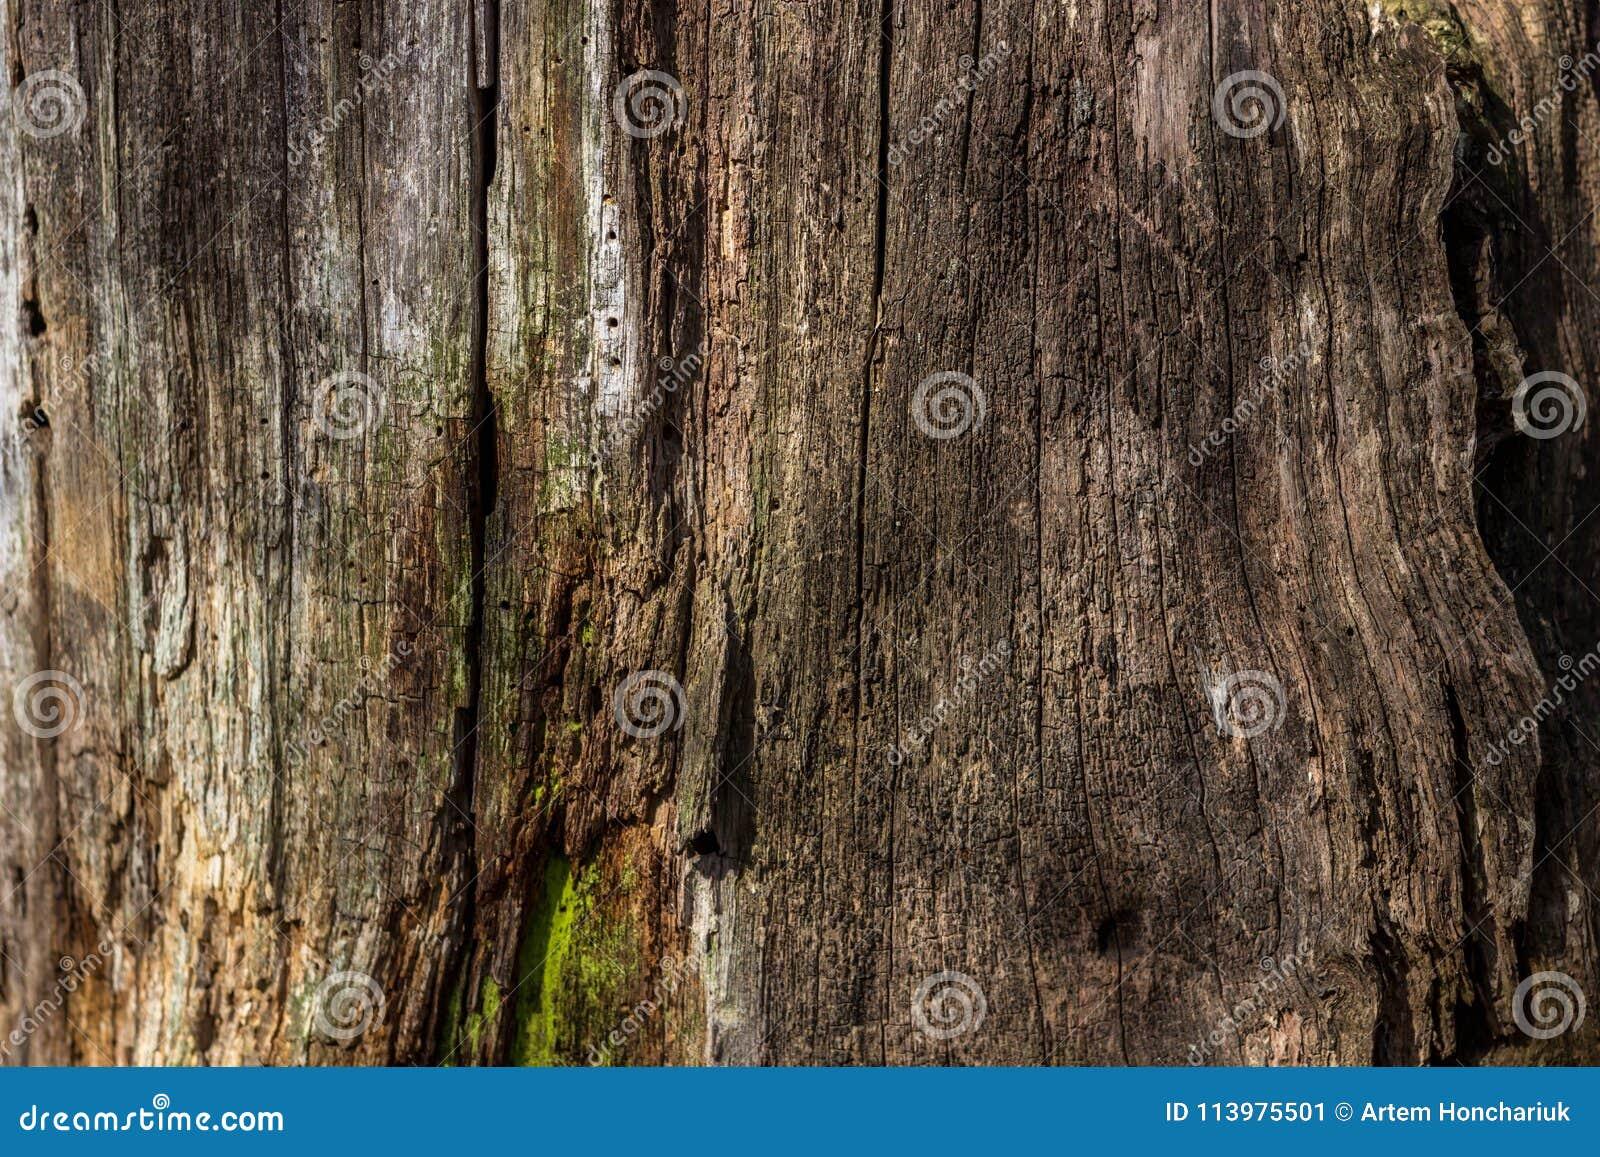 De natuurlijke achtergrond van rot hout op zeer oude boomstompen De textuur van de oude stompen